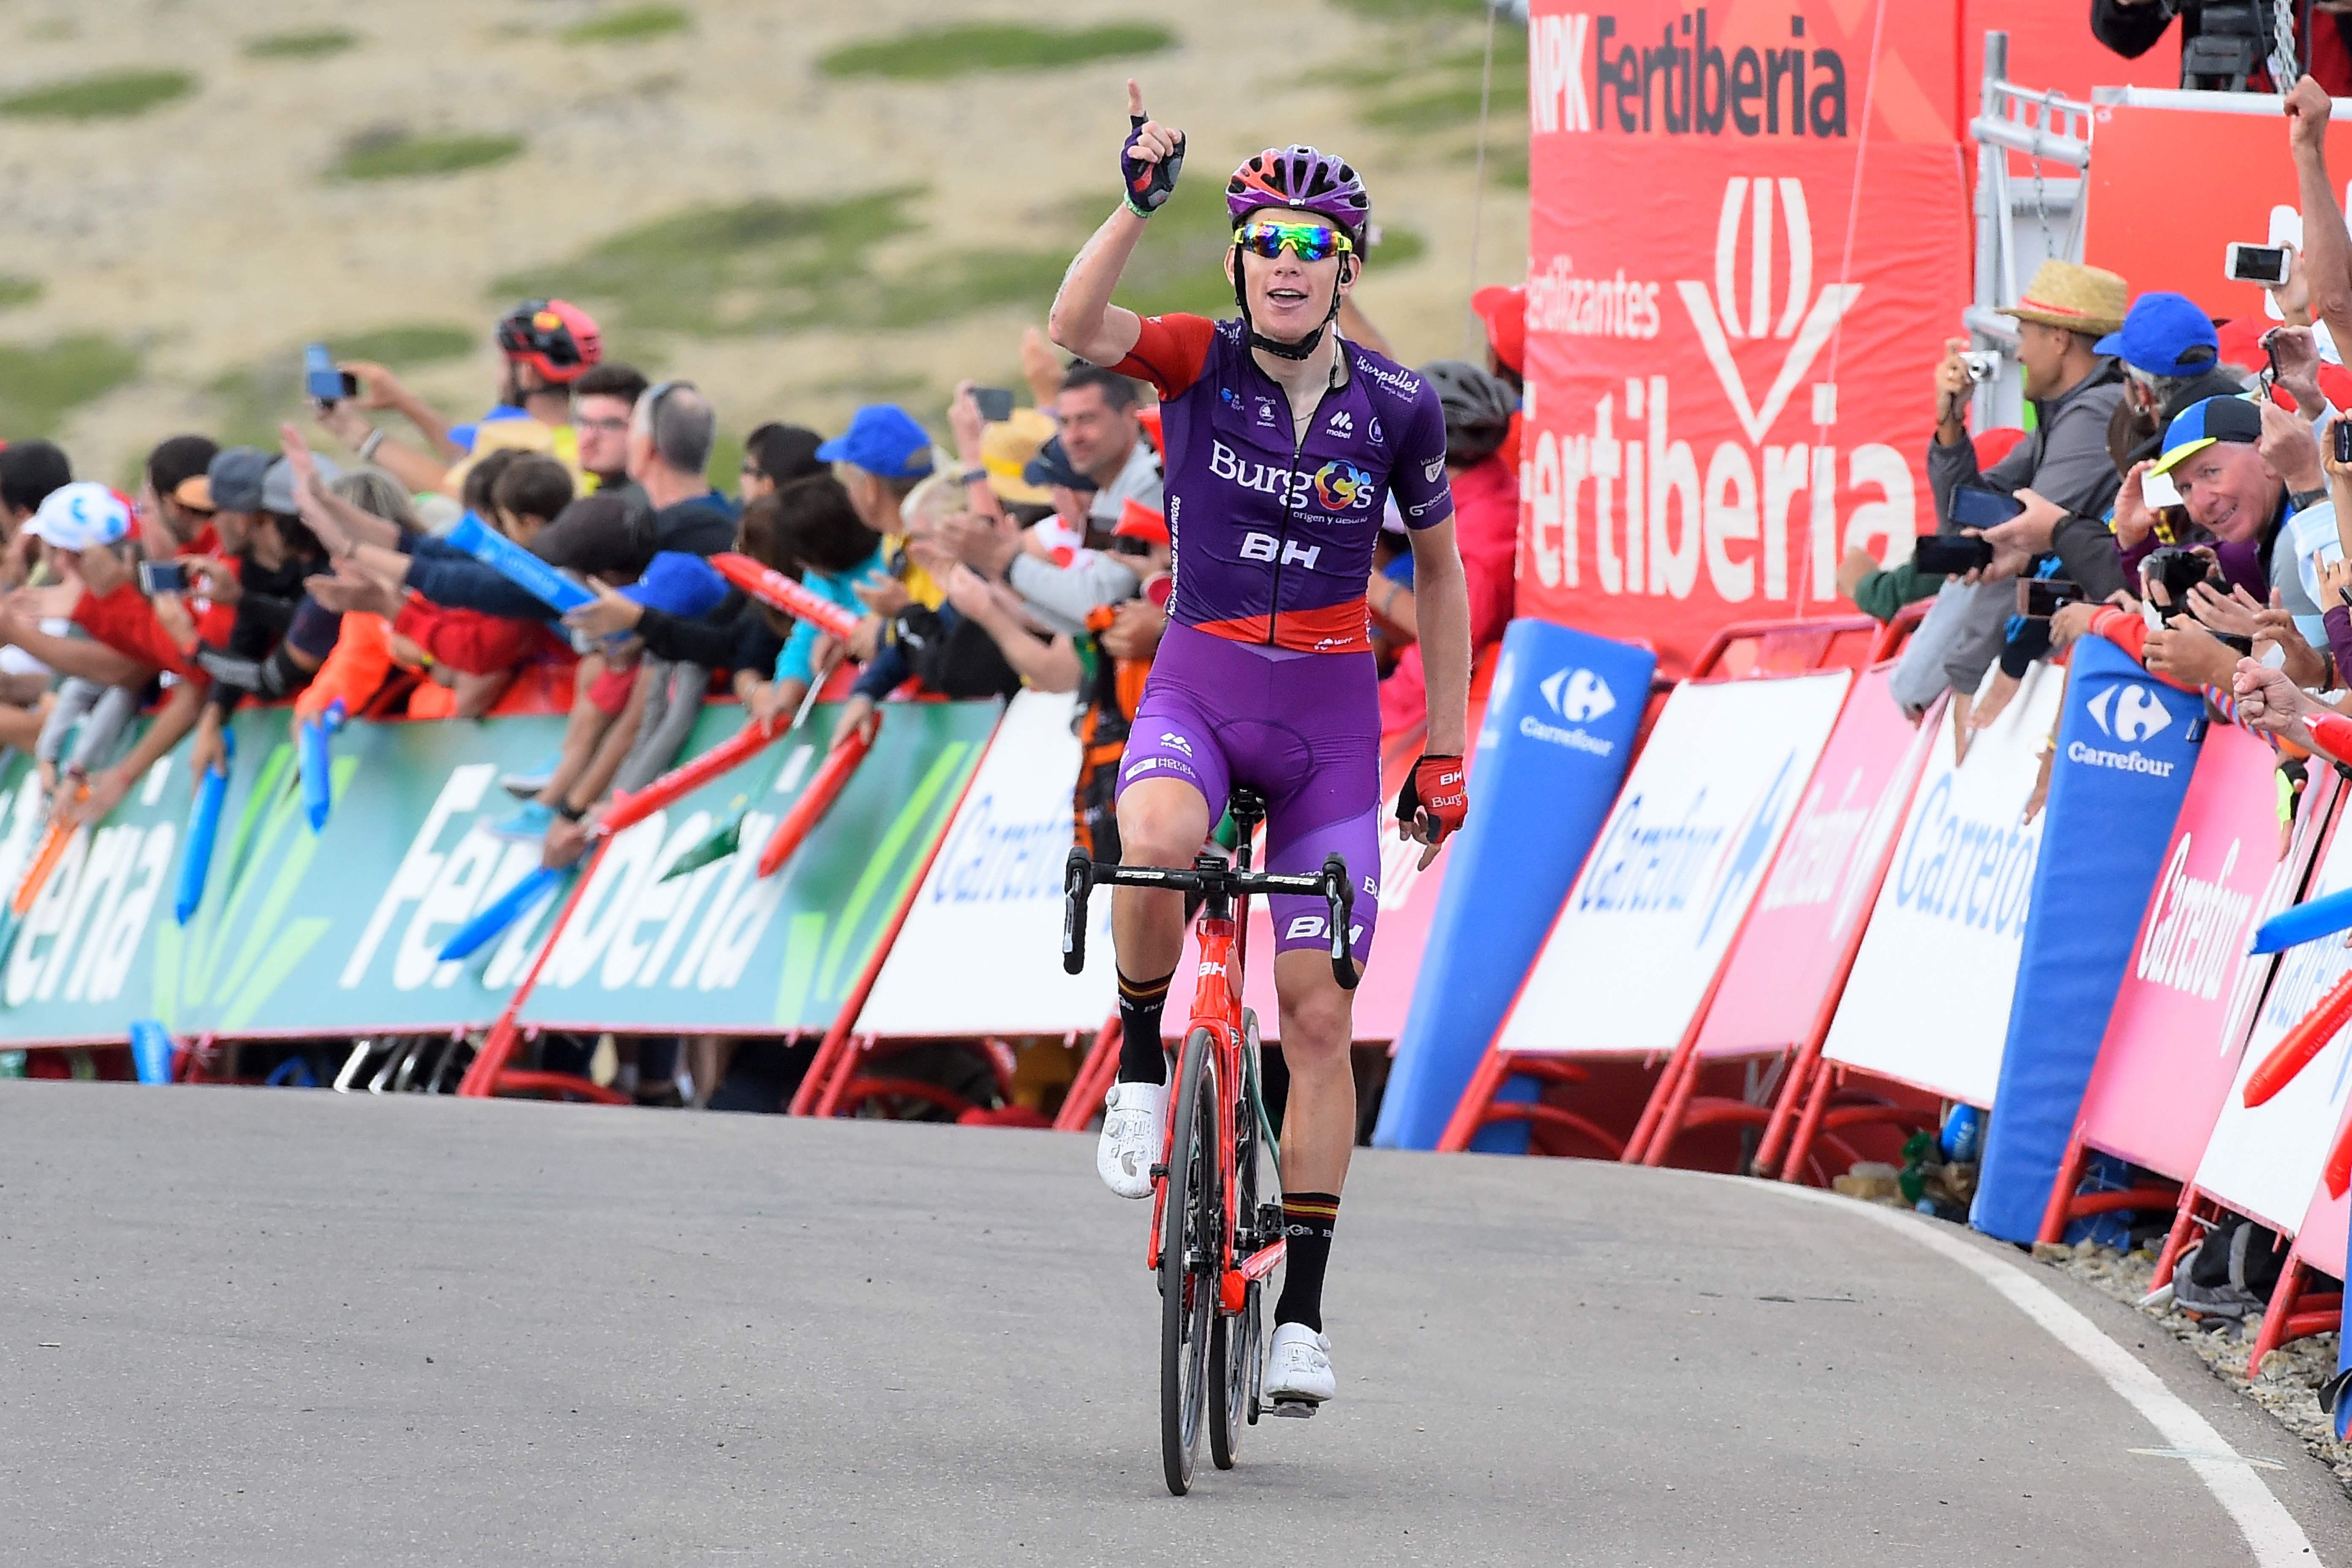 Jetse Bol uit Avenhorn grijpt net naast zege in bergrit Vuelta, maar schrijft verhaal van de dag [video]